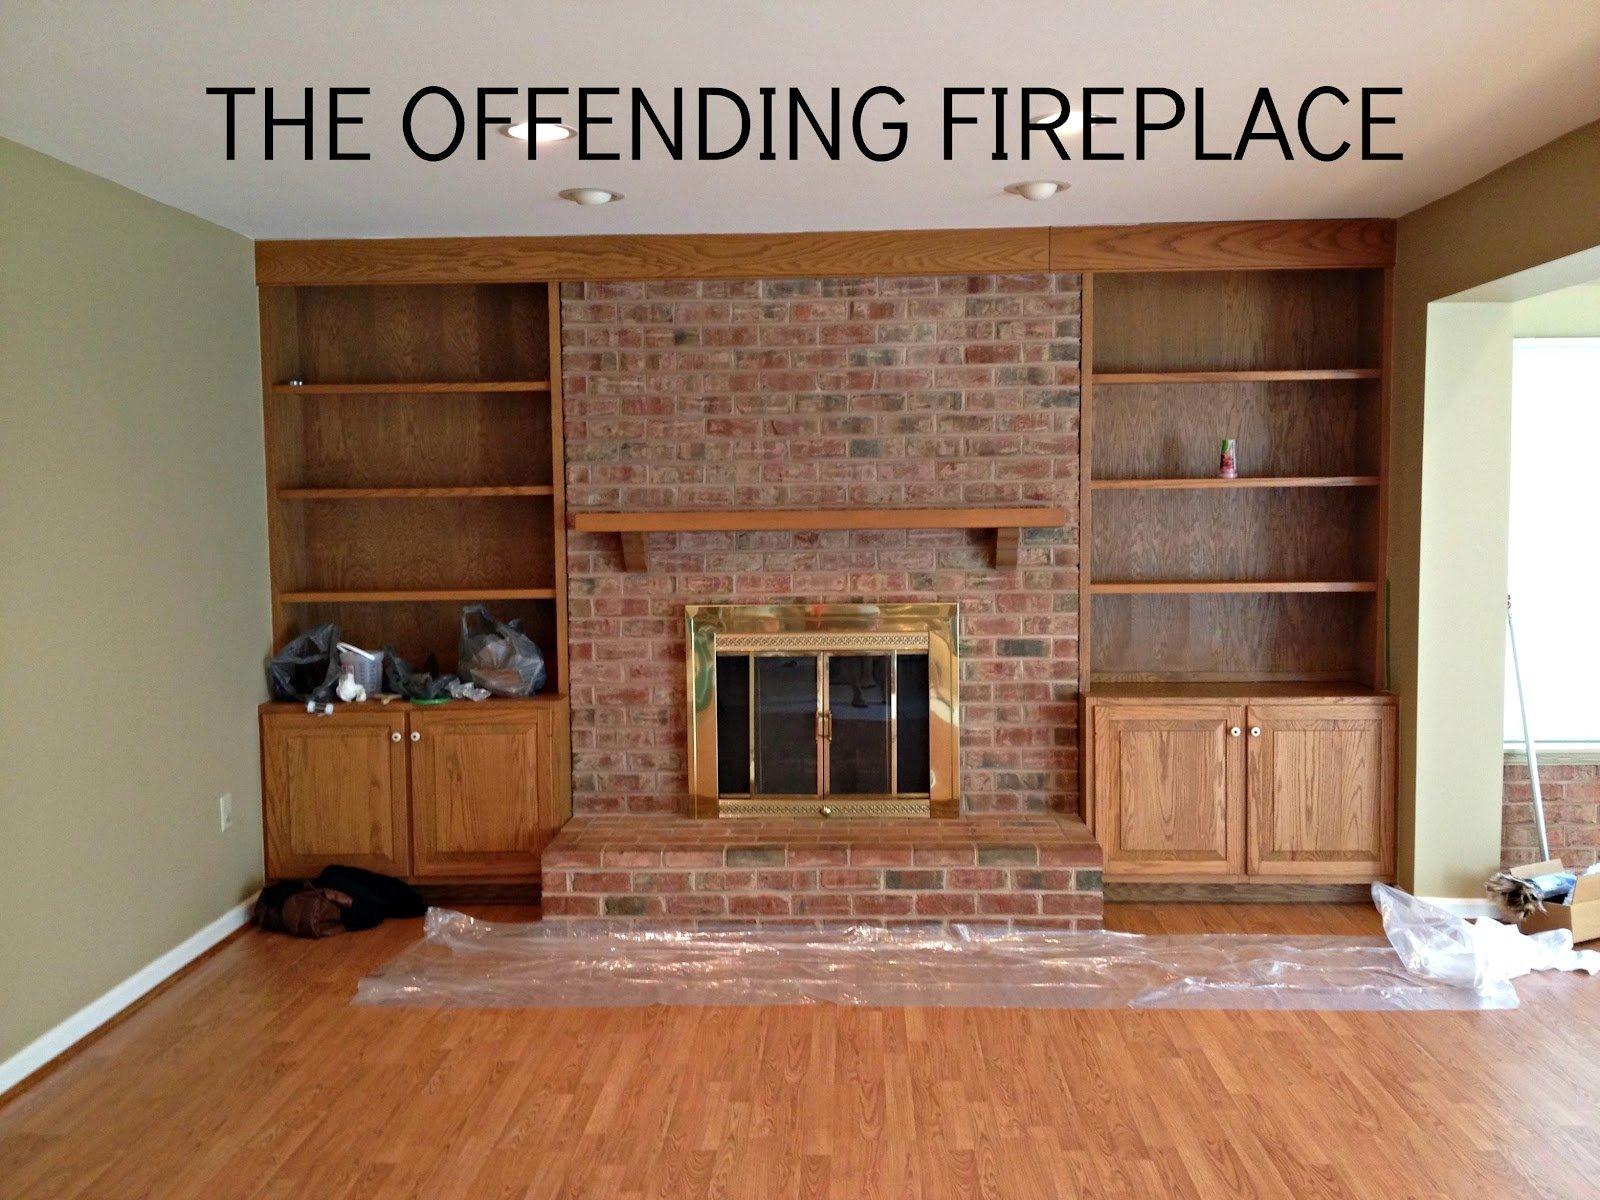 10 Unique Mantel Ideas For Brick Fireplace unusual image fireplace mantel shelf ideas really fireplace mantels 2020